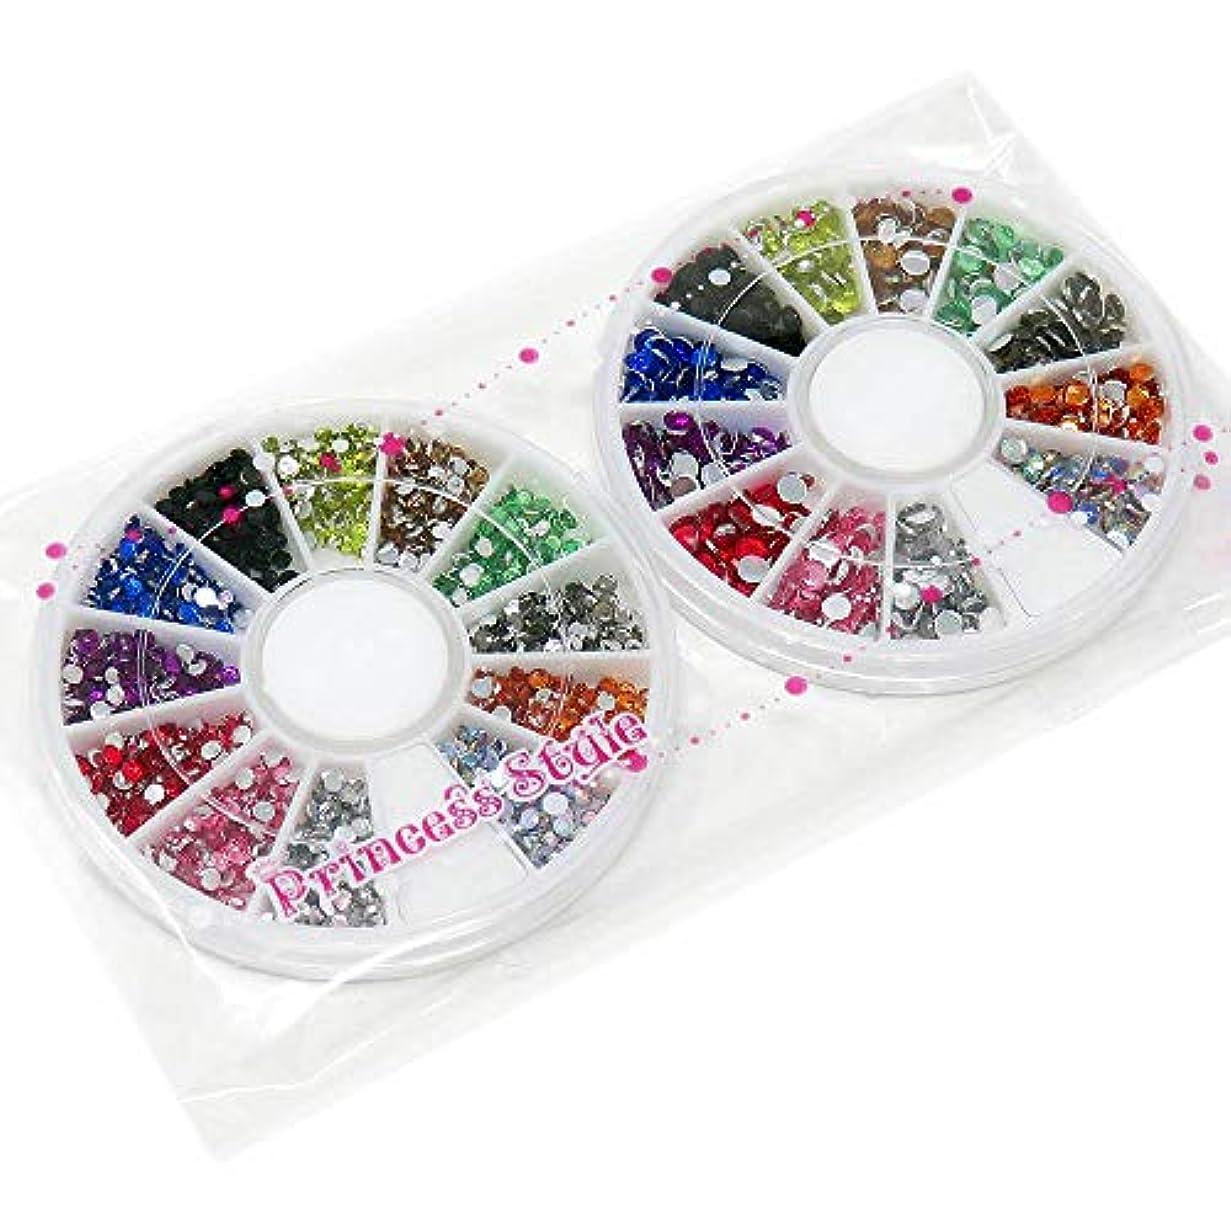 シャンプーフルーツギャロップカラーラインストーン ネイル デコ用 ラウンドケース入 12色 2個/セット 2mm&3mm